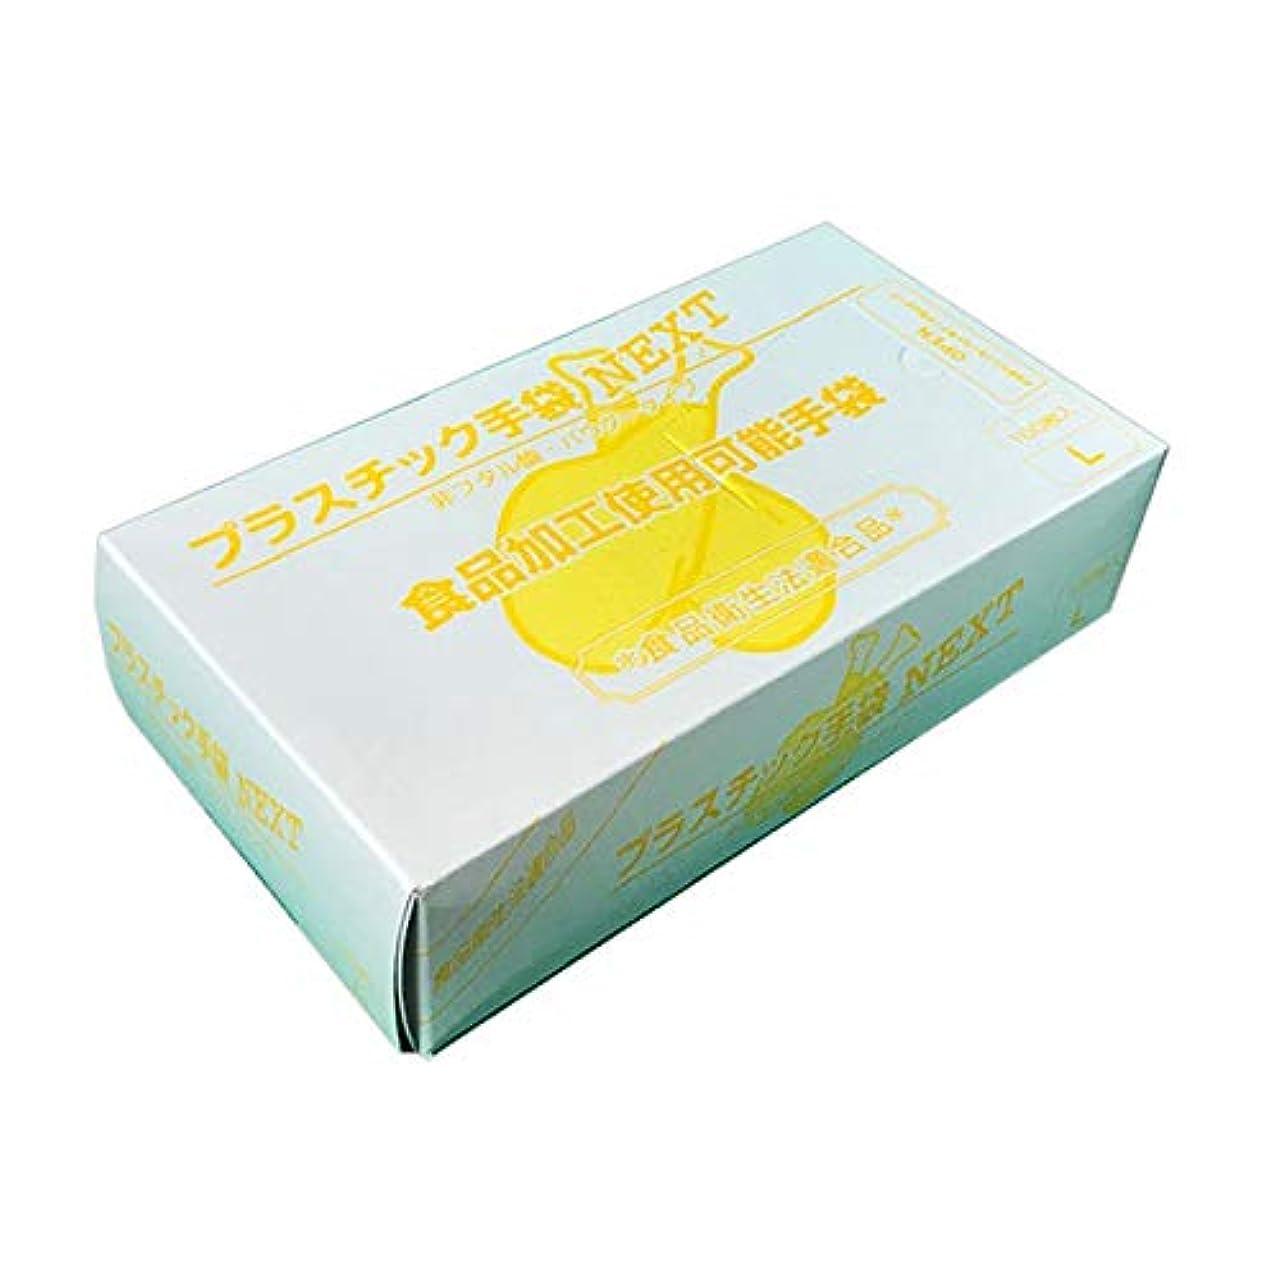 ブレンド火山ユダヤ人使い捨て手袋エブノ PVCディスポ手袋 NEXT 粉付 白 100枚X20箱 (Lサイズ)